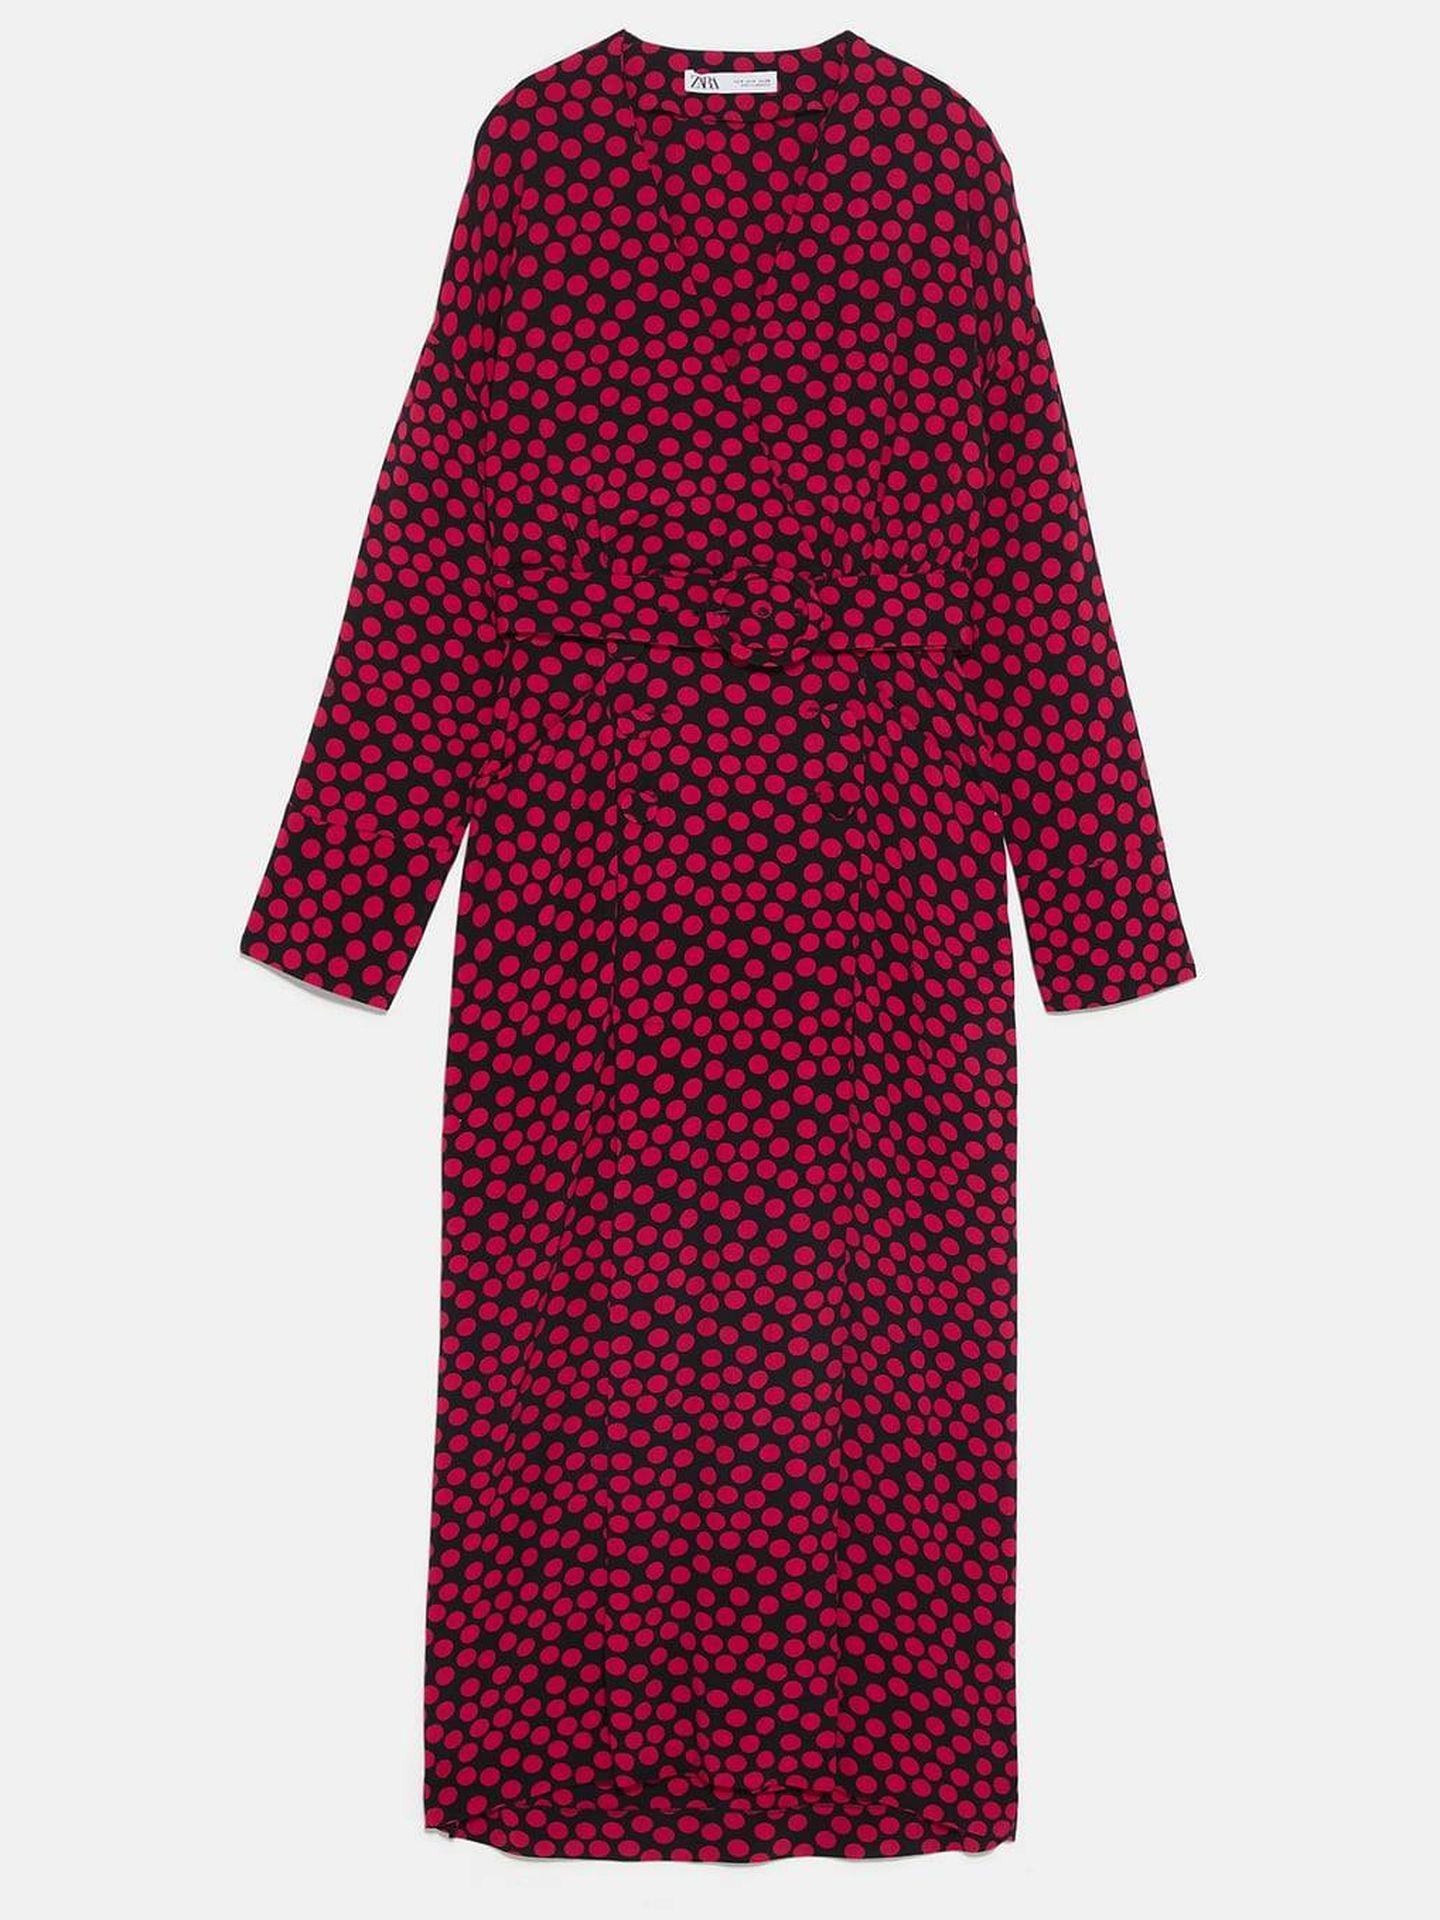 Vestido edición especial Zara. (Cortesía)